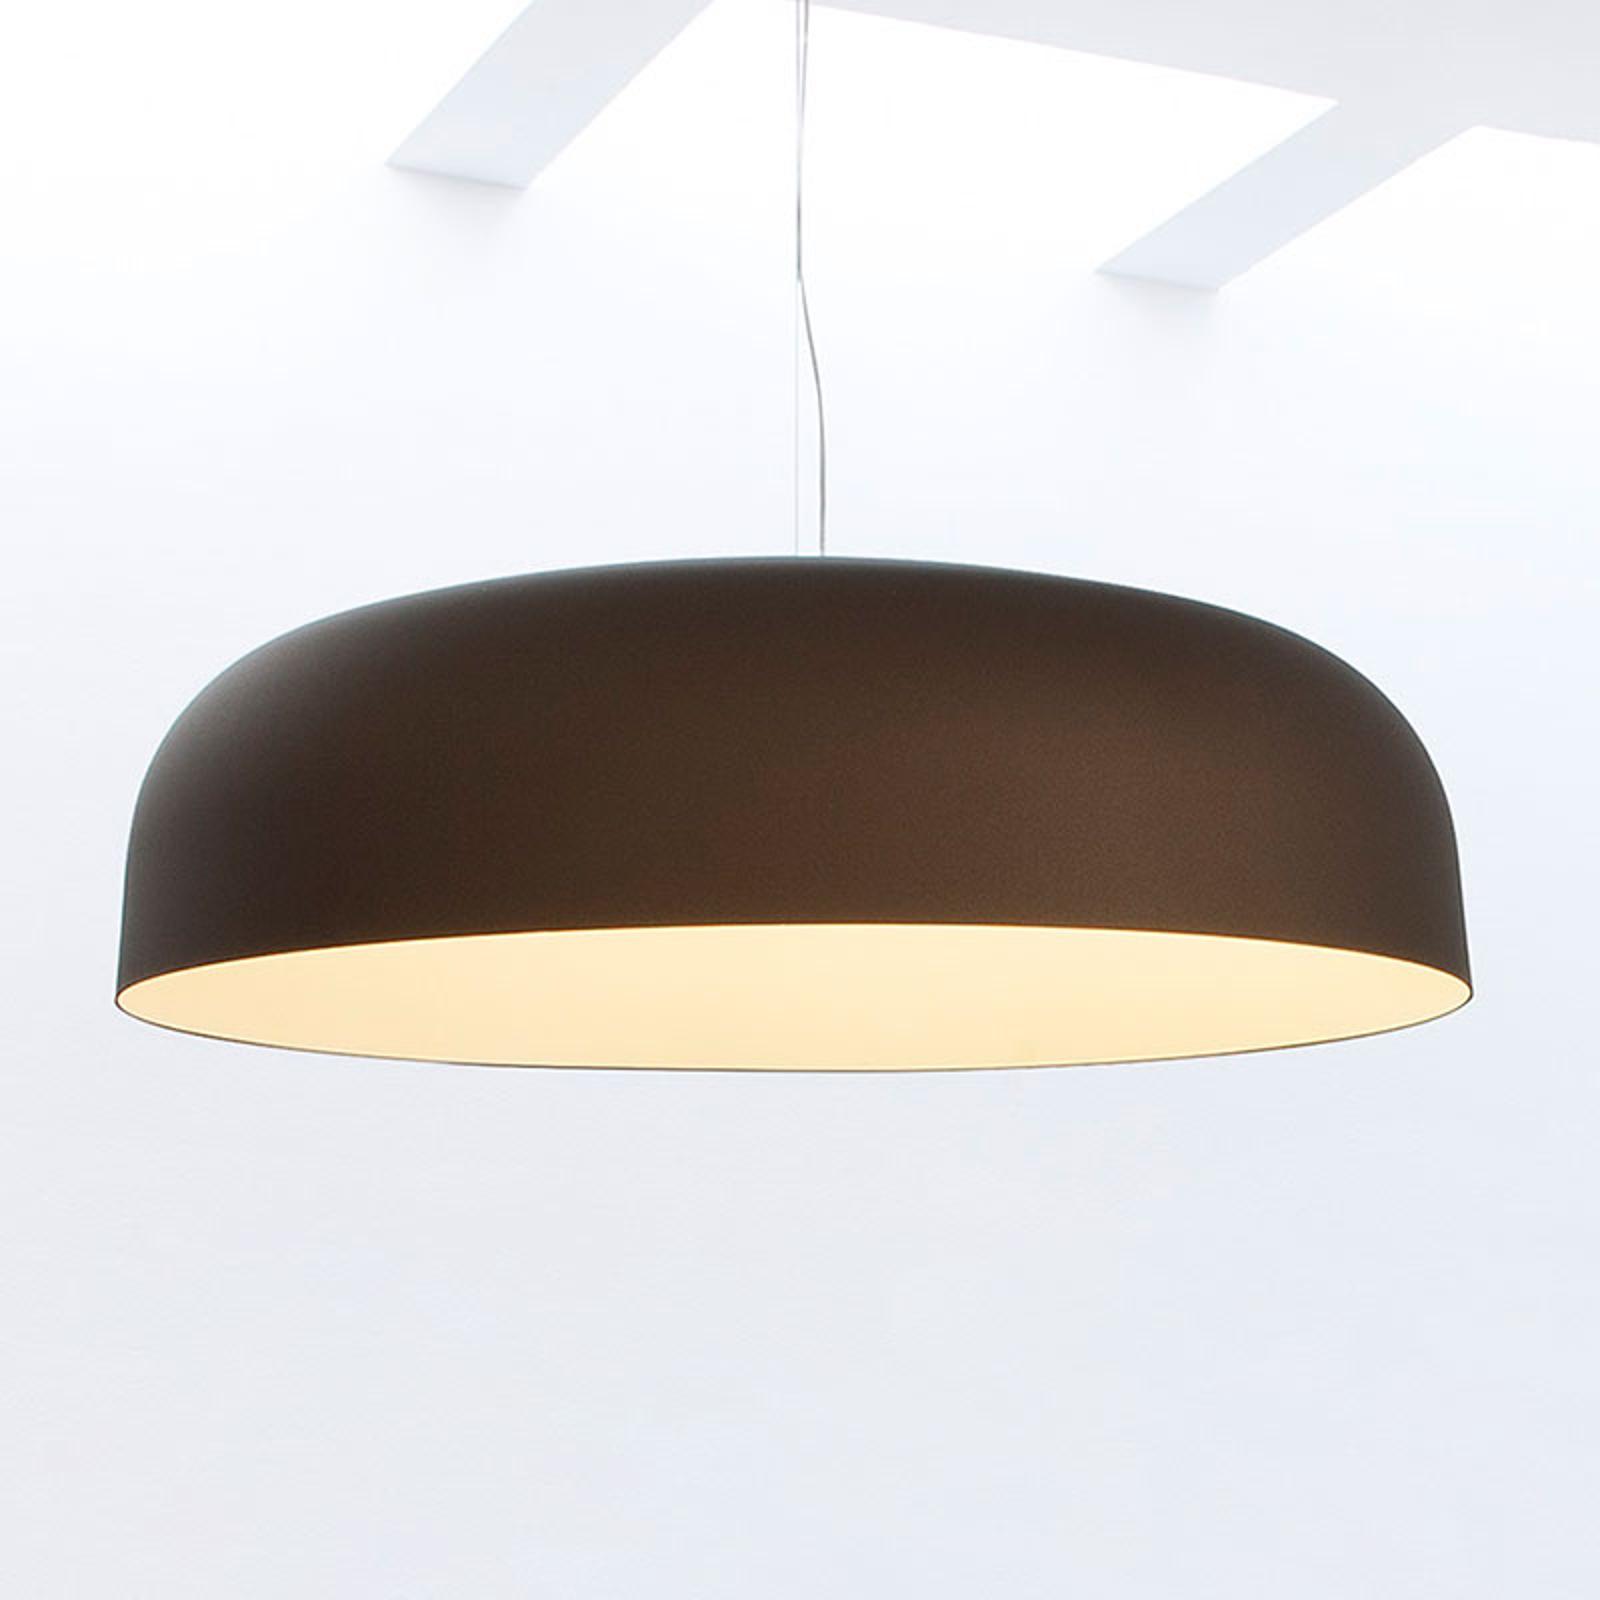 Oluce Canopy - lampa wisząca, 90 cm, brązowo-biała